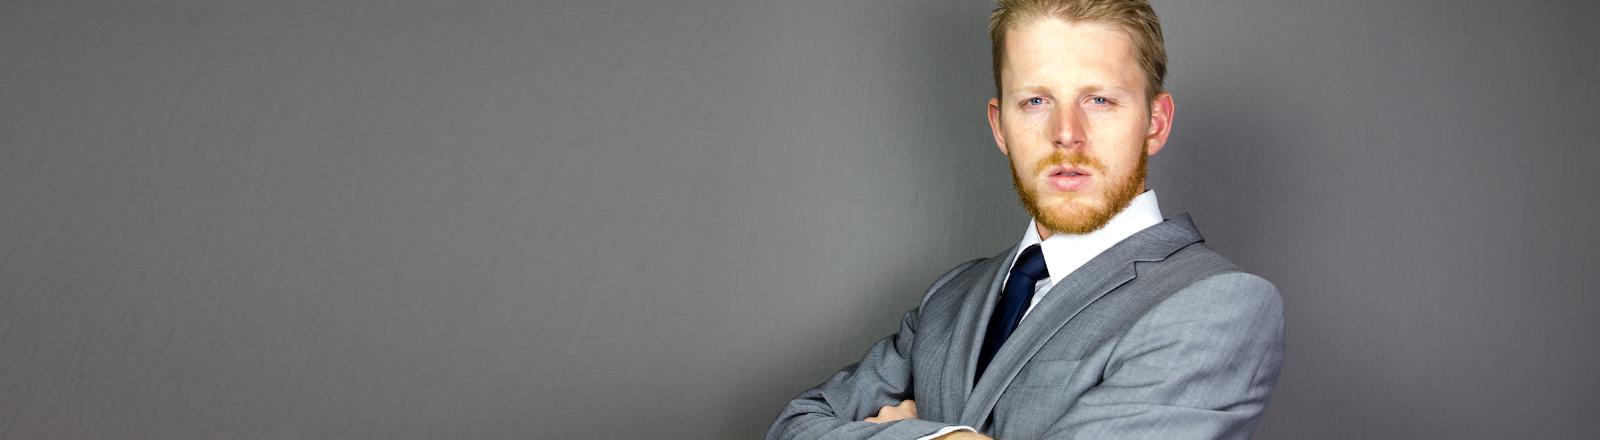 Ein junger Mann mit roten Haaren im grauen Anzug schaut arrogant und machtbesessen in die Kamera